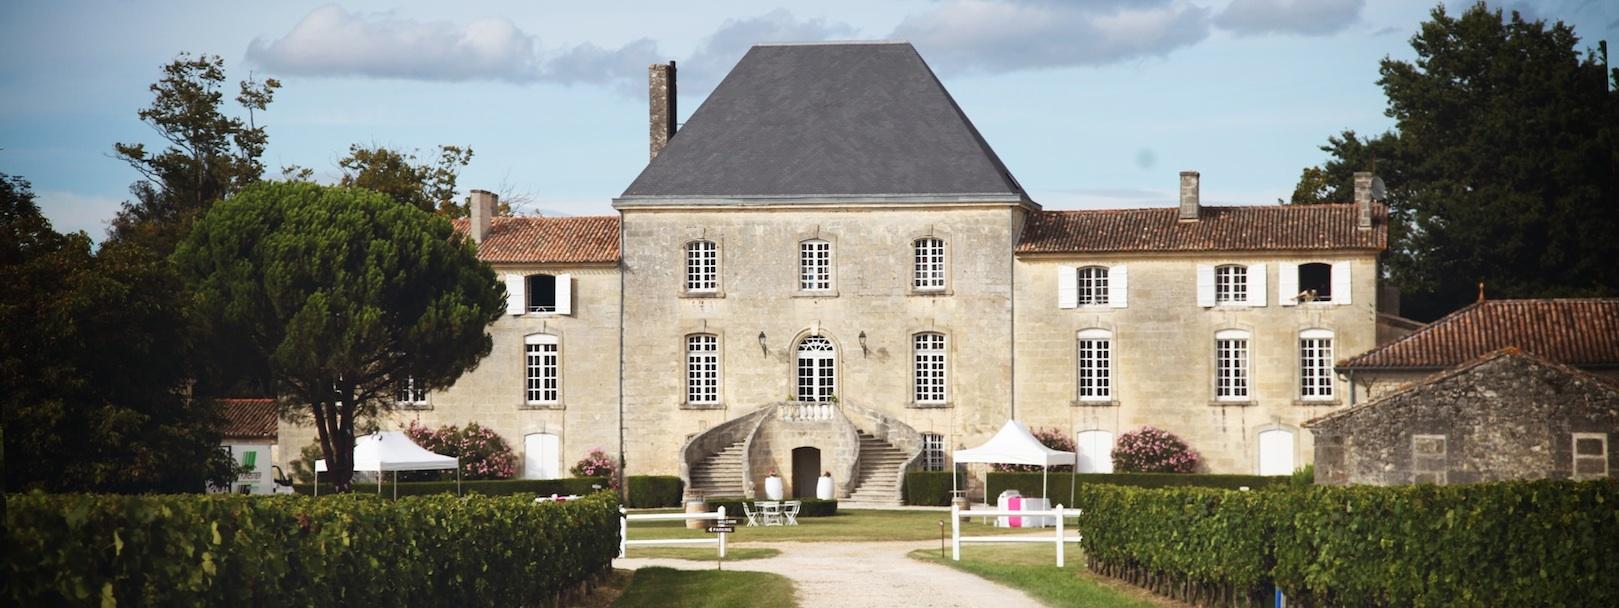 chateau-des-arras-chevre-facade-philosophie-verte